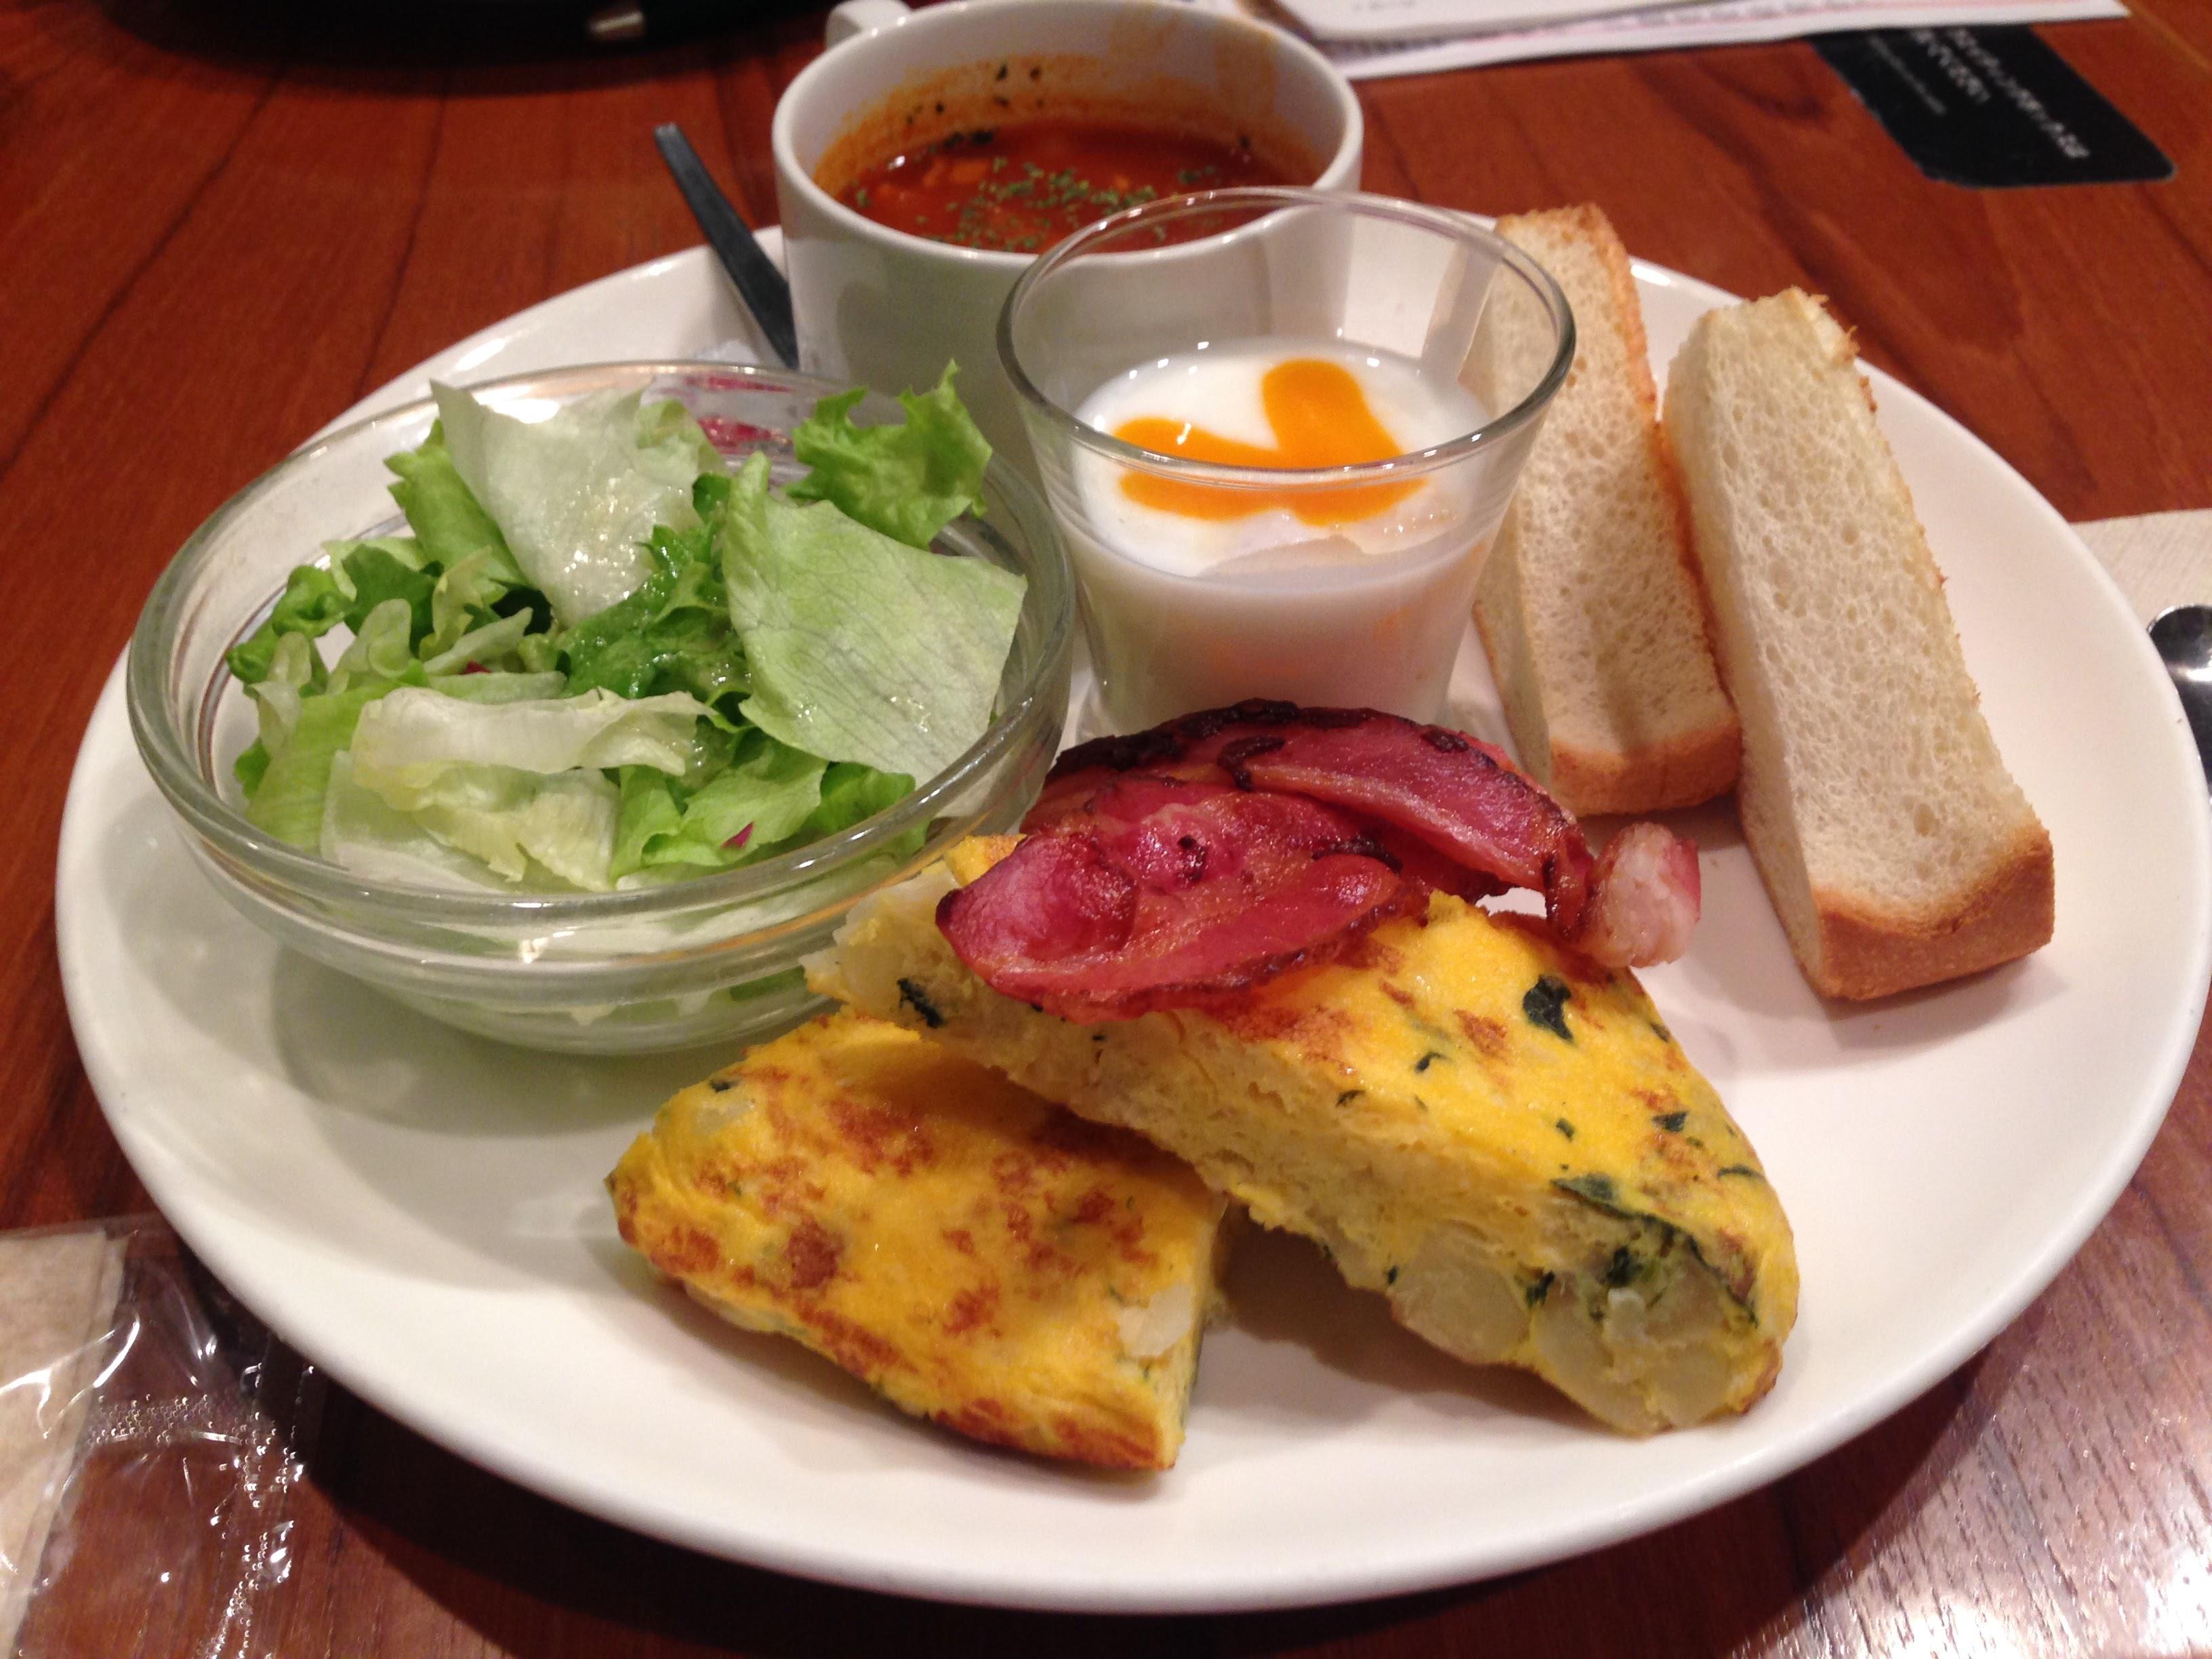 【BNI】ビジネス朝食会に参加してみた。たまに参加すると刺激になる!